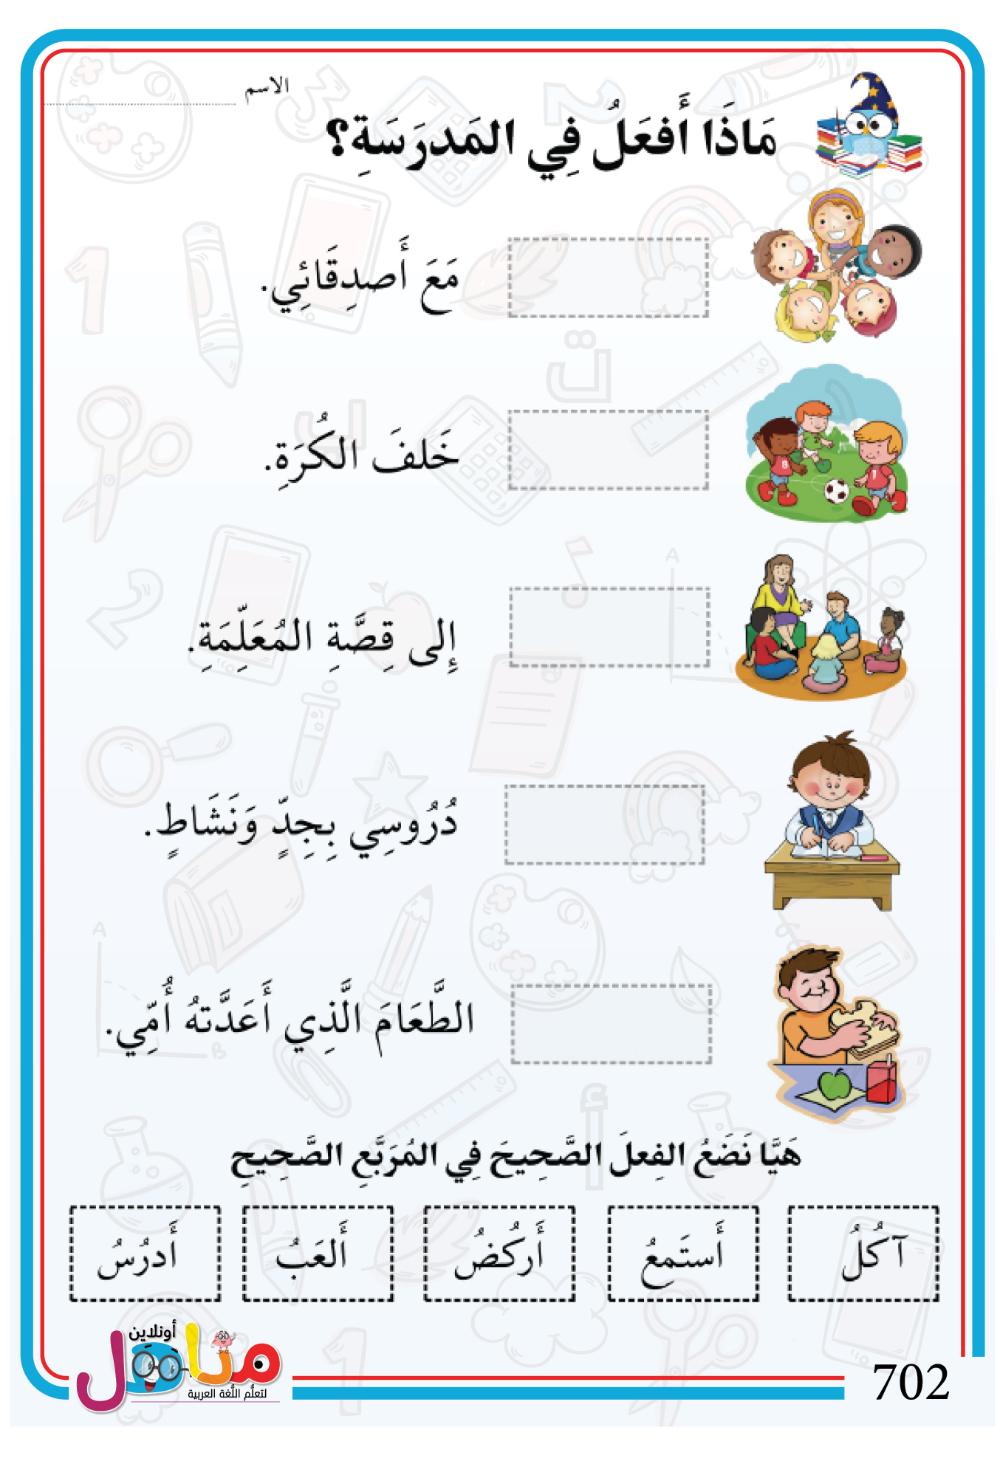 Mnahelonline تعلم اللغة العربية Learn Arabic Online Learning Arabic Arabic Alphabet For Kids Arabic Kids